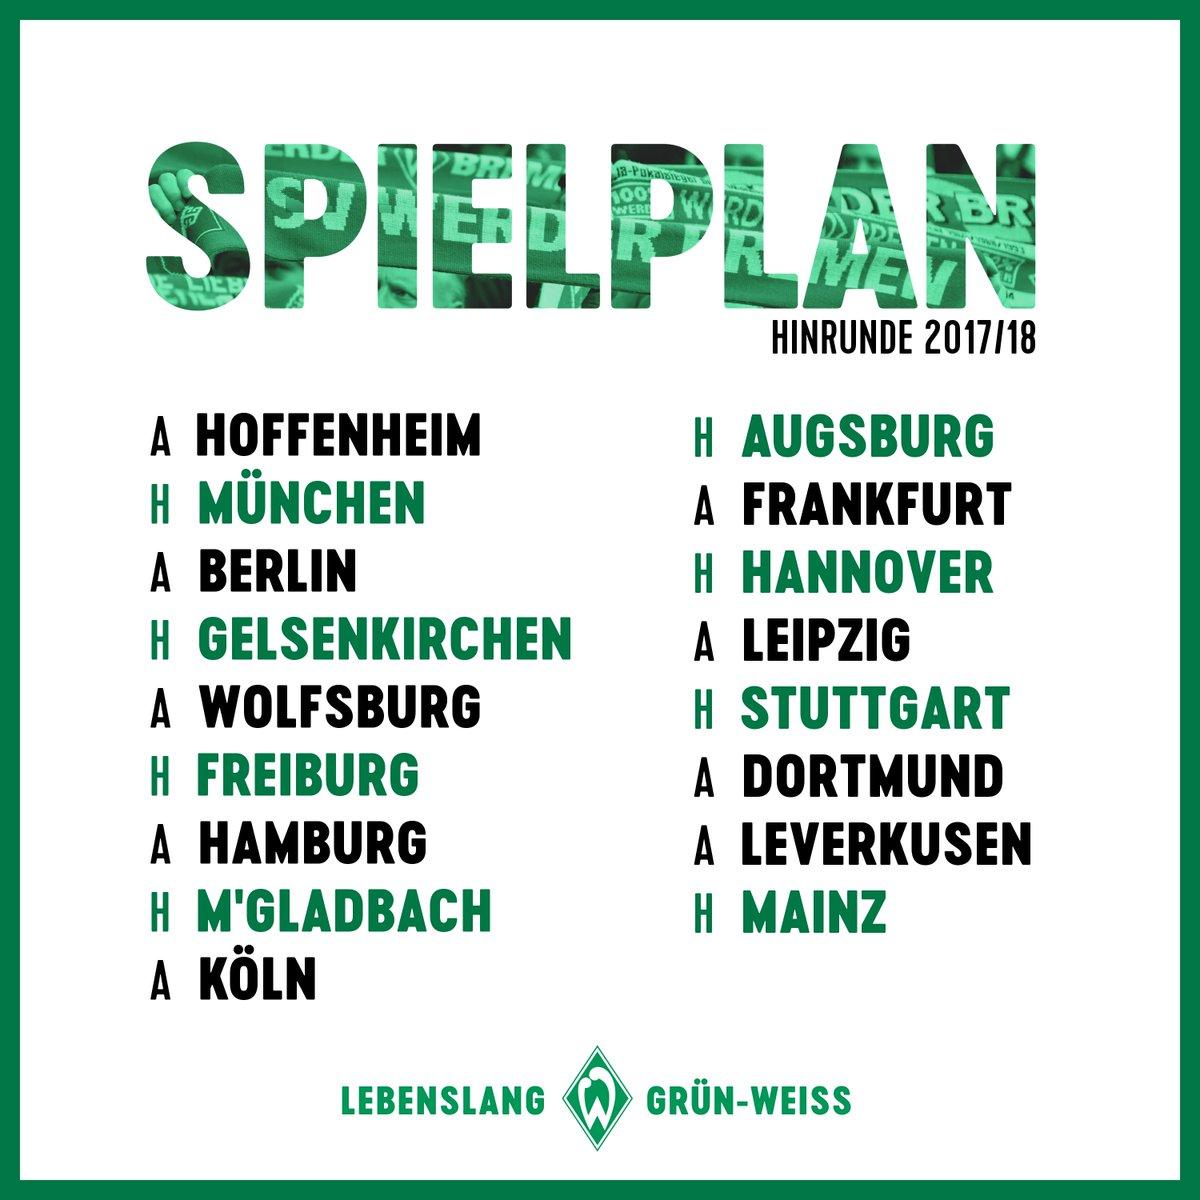 Sv Werder Bremen On Twitter Unser Spielplan Werder